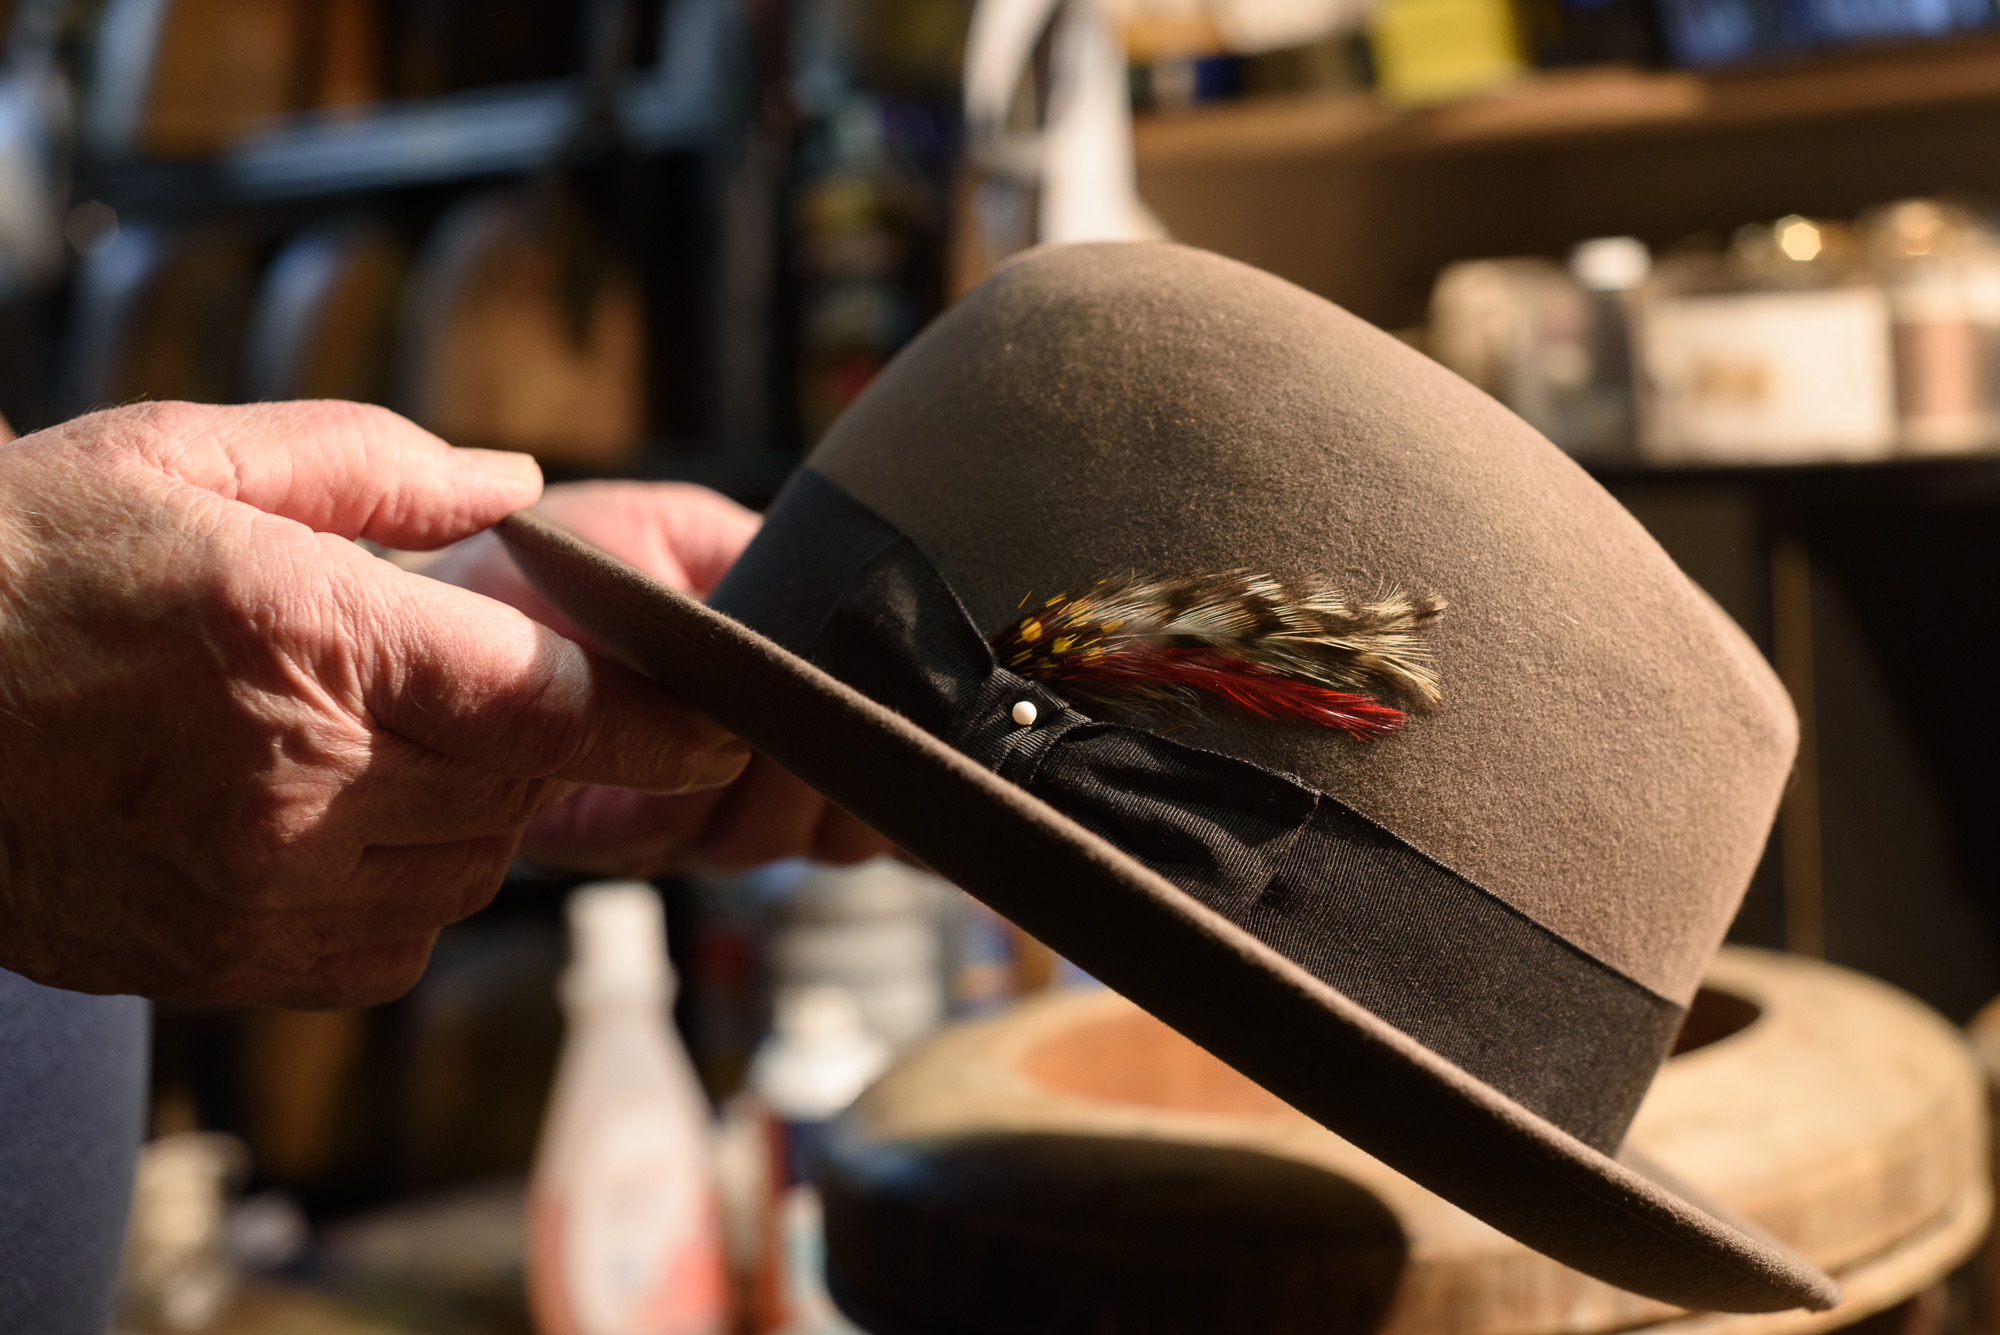 The Secret Life of Hats - District Dig da76a3bde5